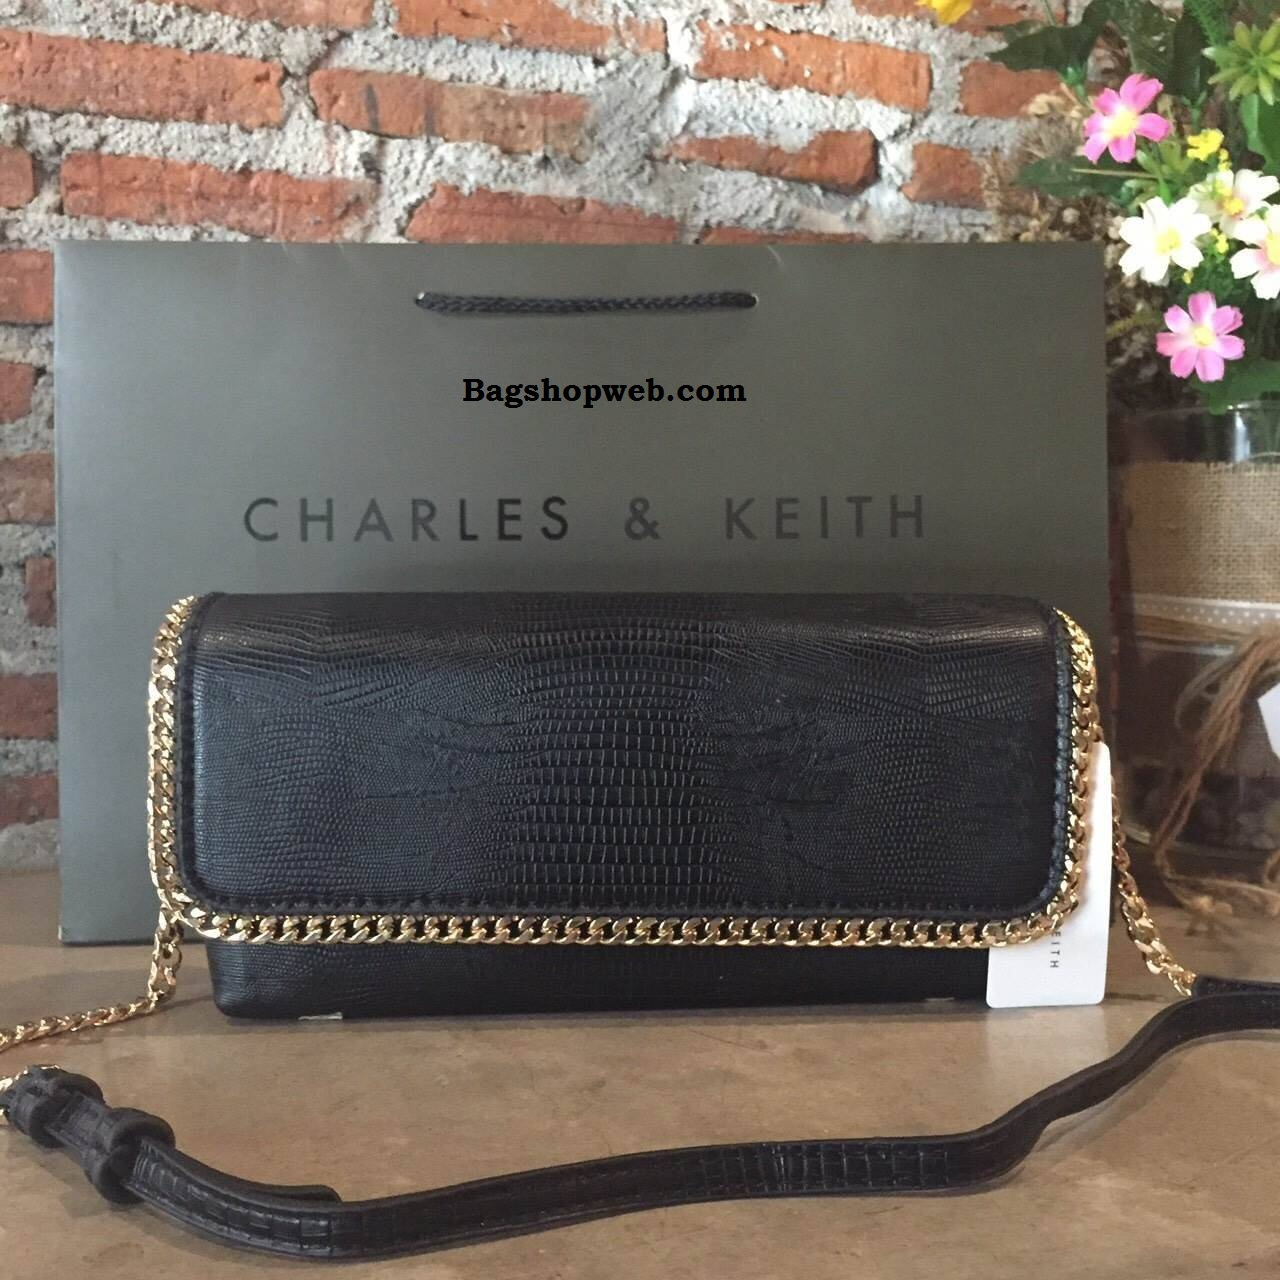 กระเป๋า Charles & Keith Detail Skin Clucth Bag ราคา 1,290 บาท Free Ems